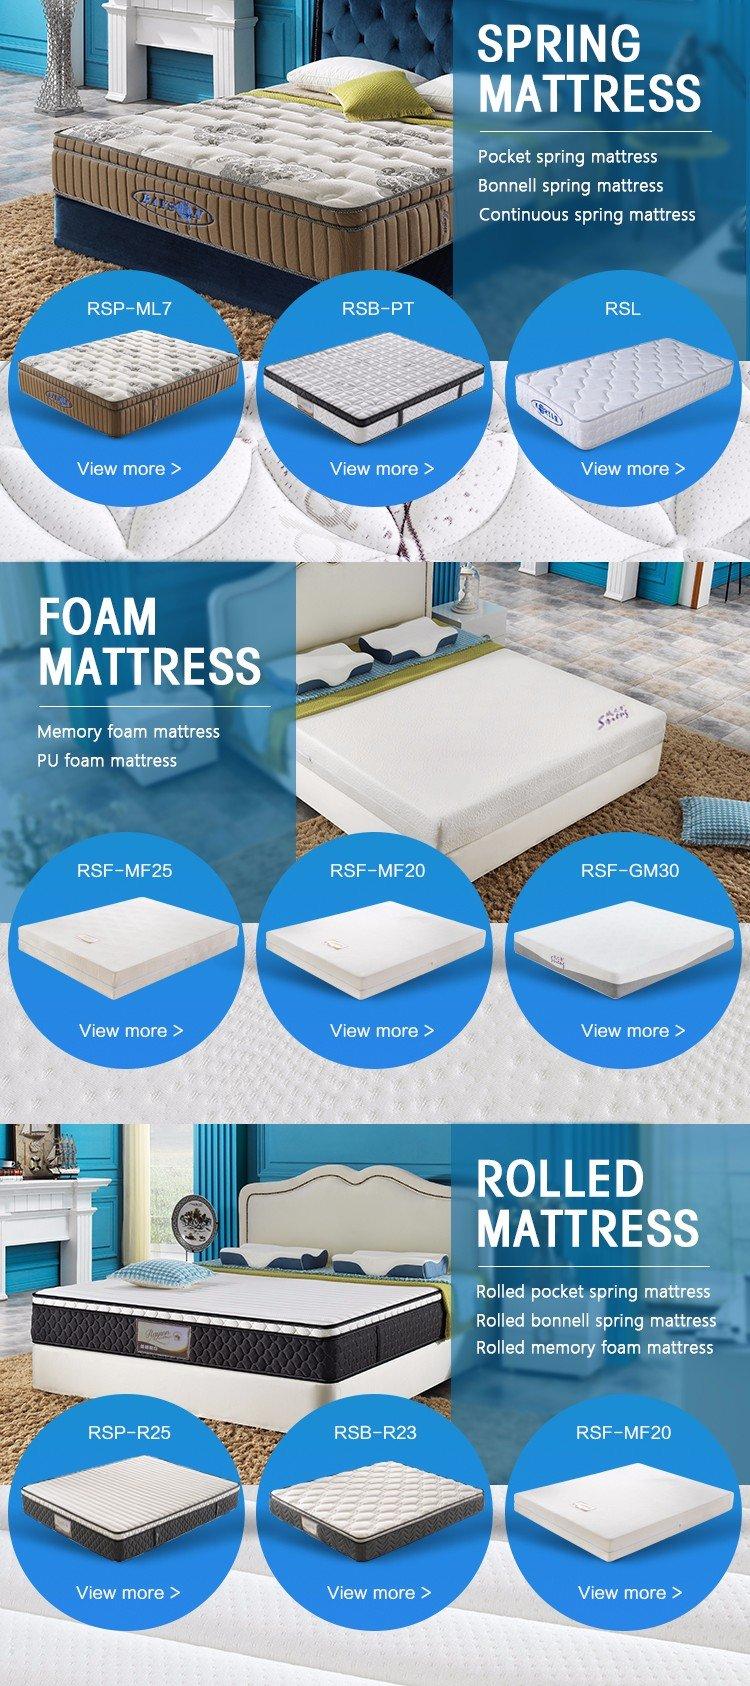 Rayson Mattress foam roll up spring mattress manufacturers-9